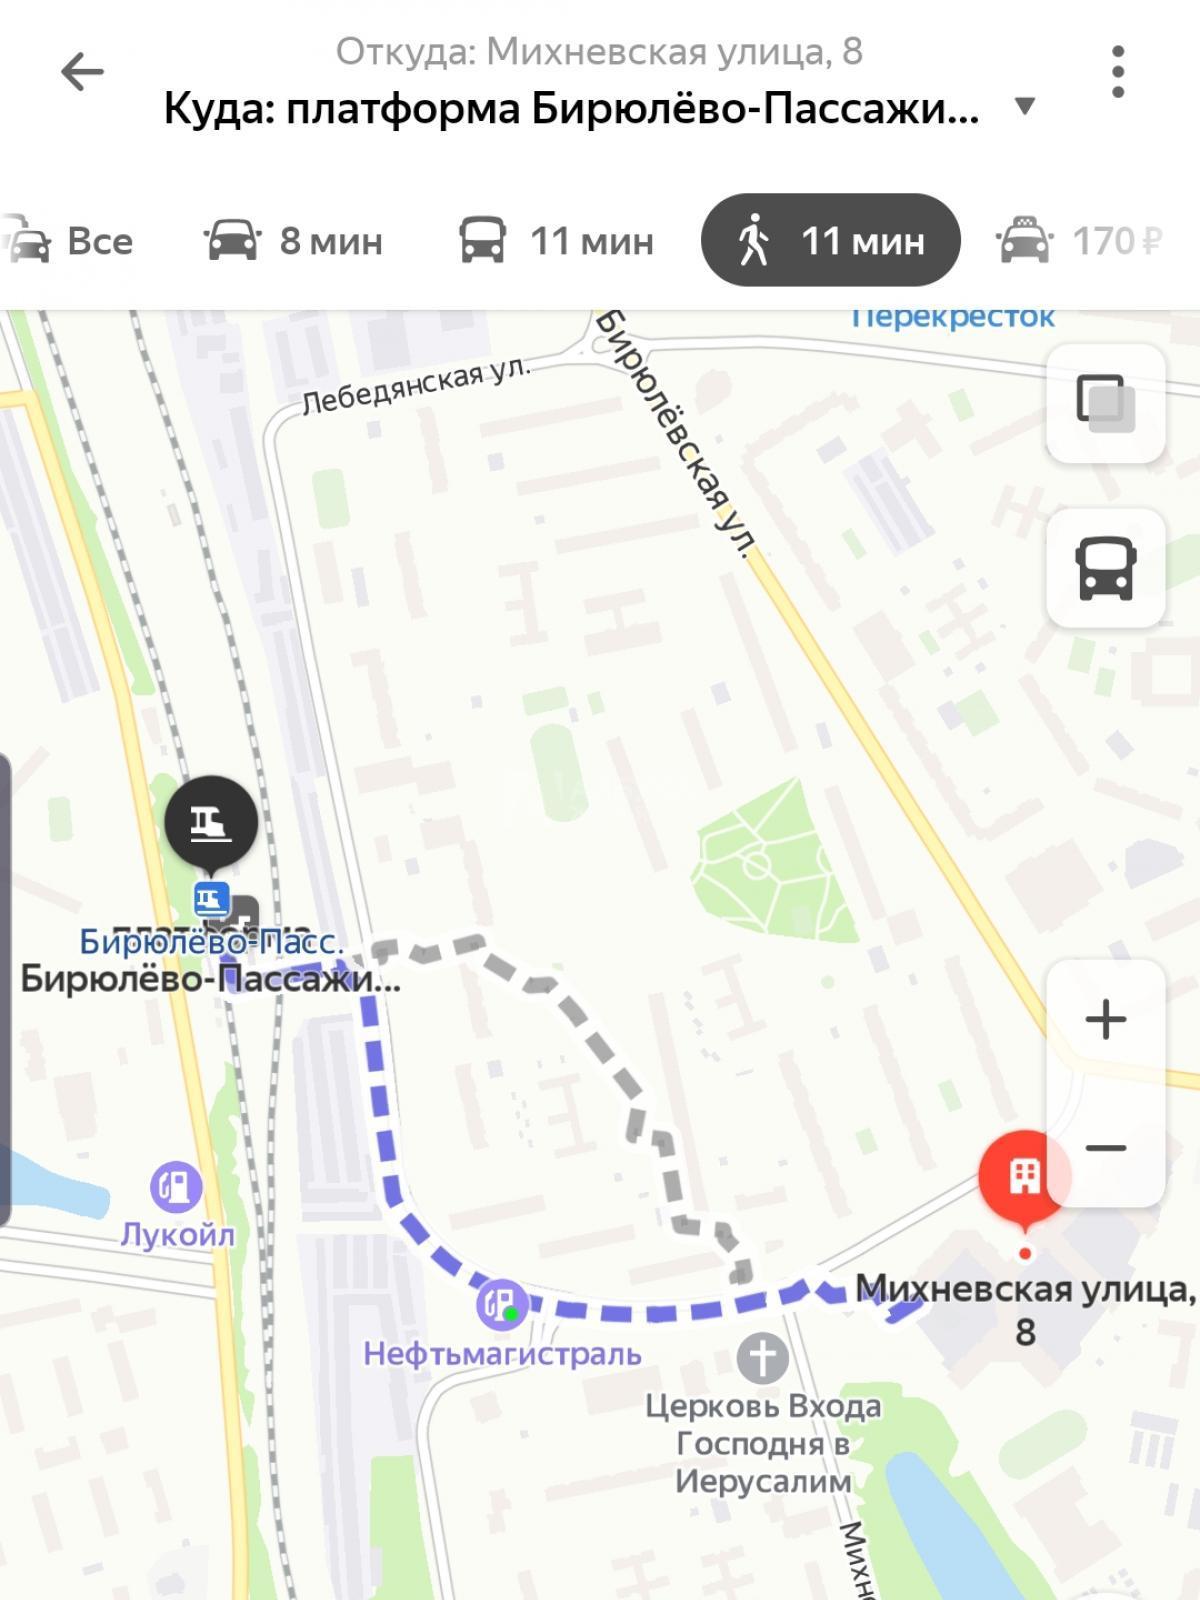 Фото №2 - 2-комнатная квартира, Москва, Михневская улица 8, метро Царицыно